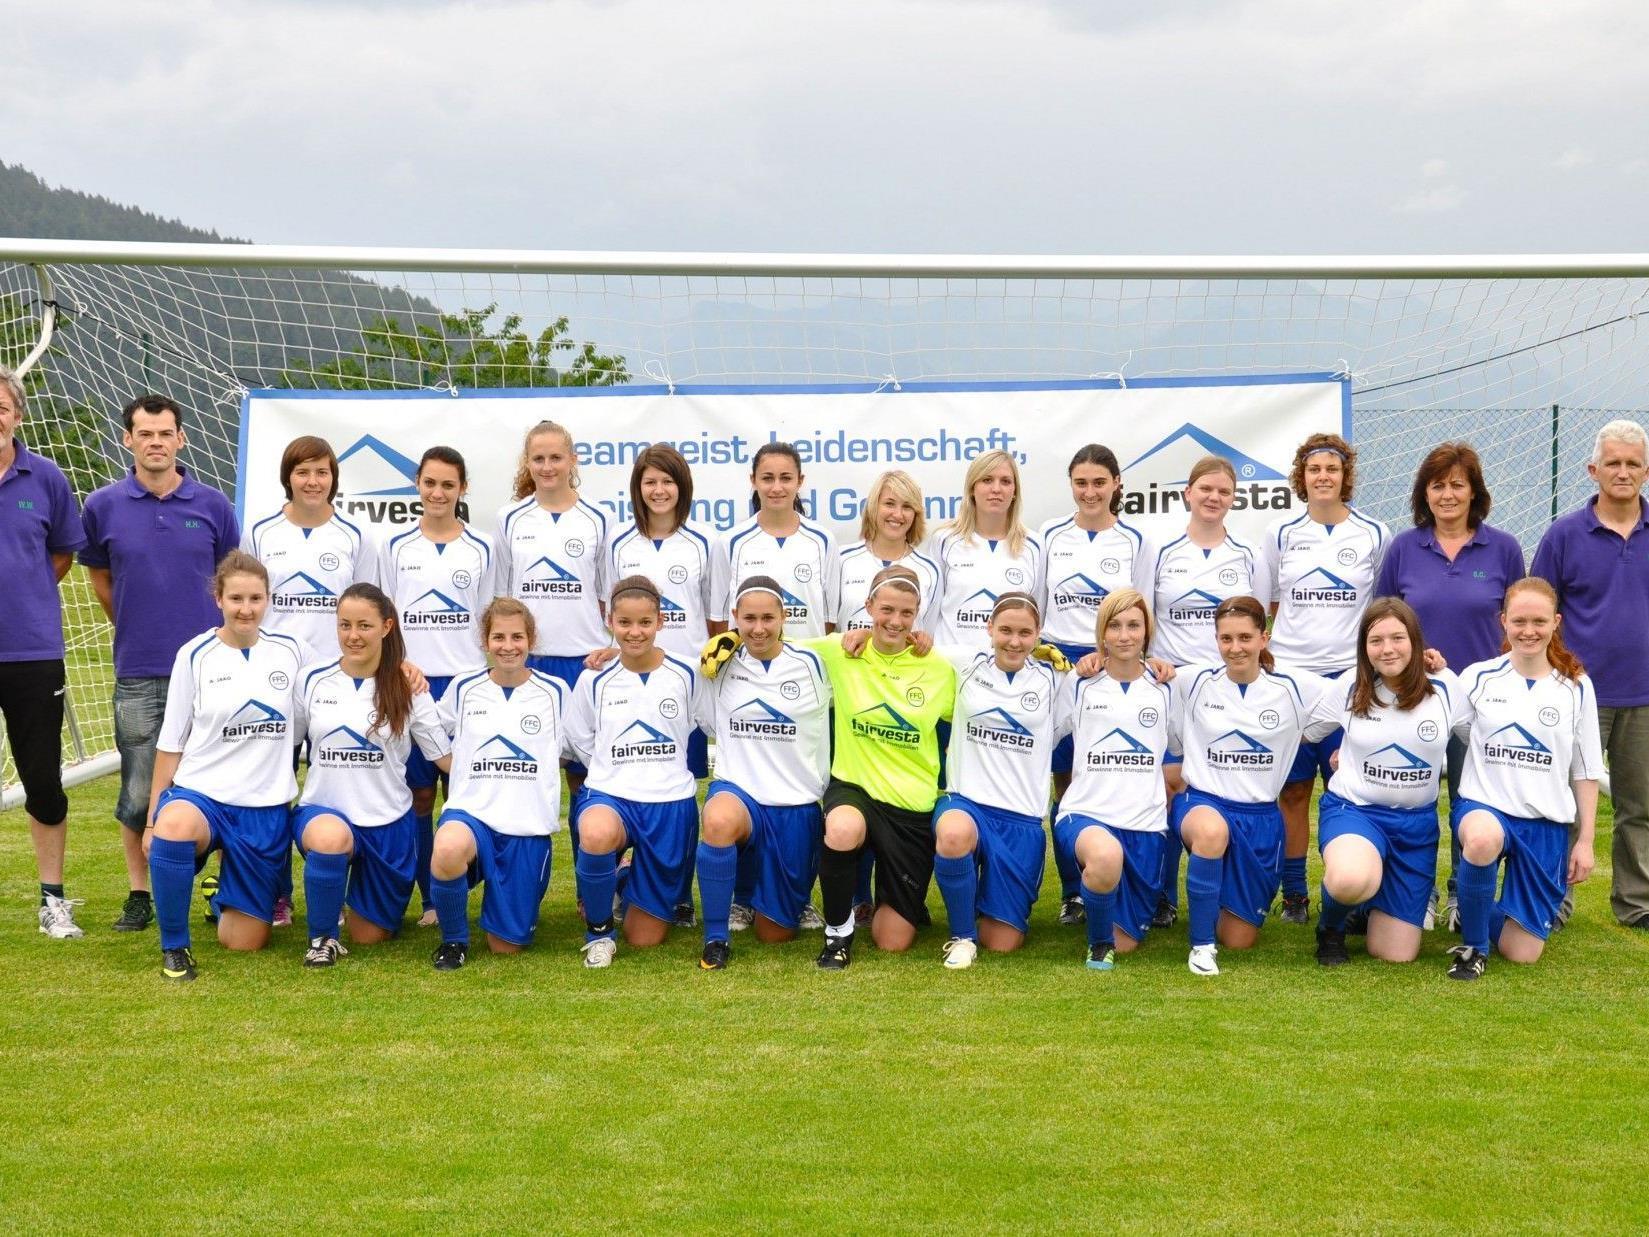 Die Erfolgreiche Frauenmannschaft des FFC Fairvesta Vorderland.